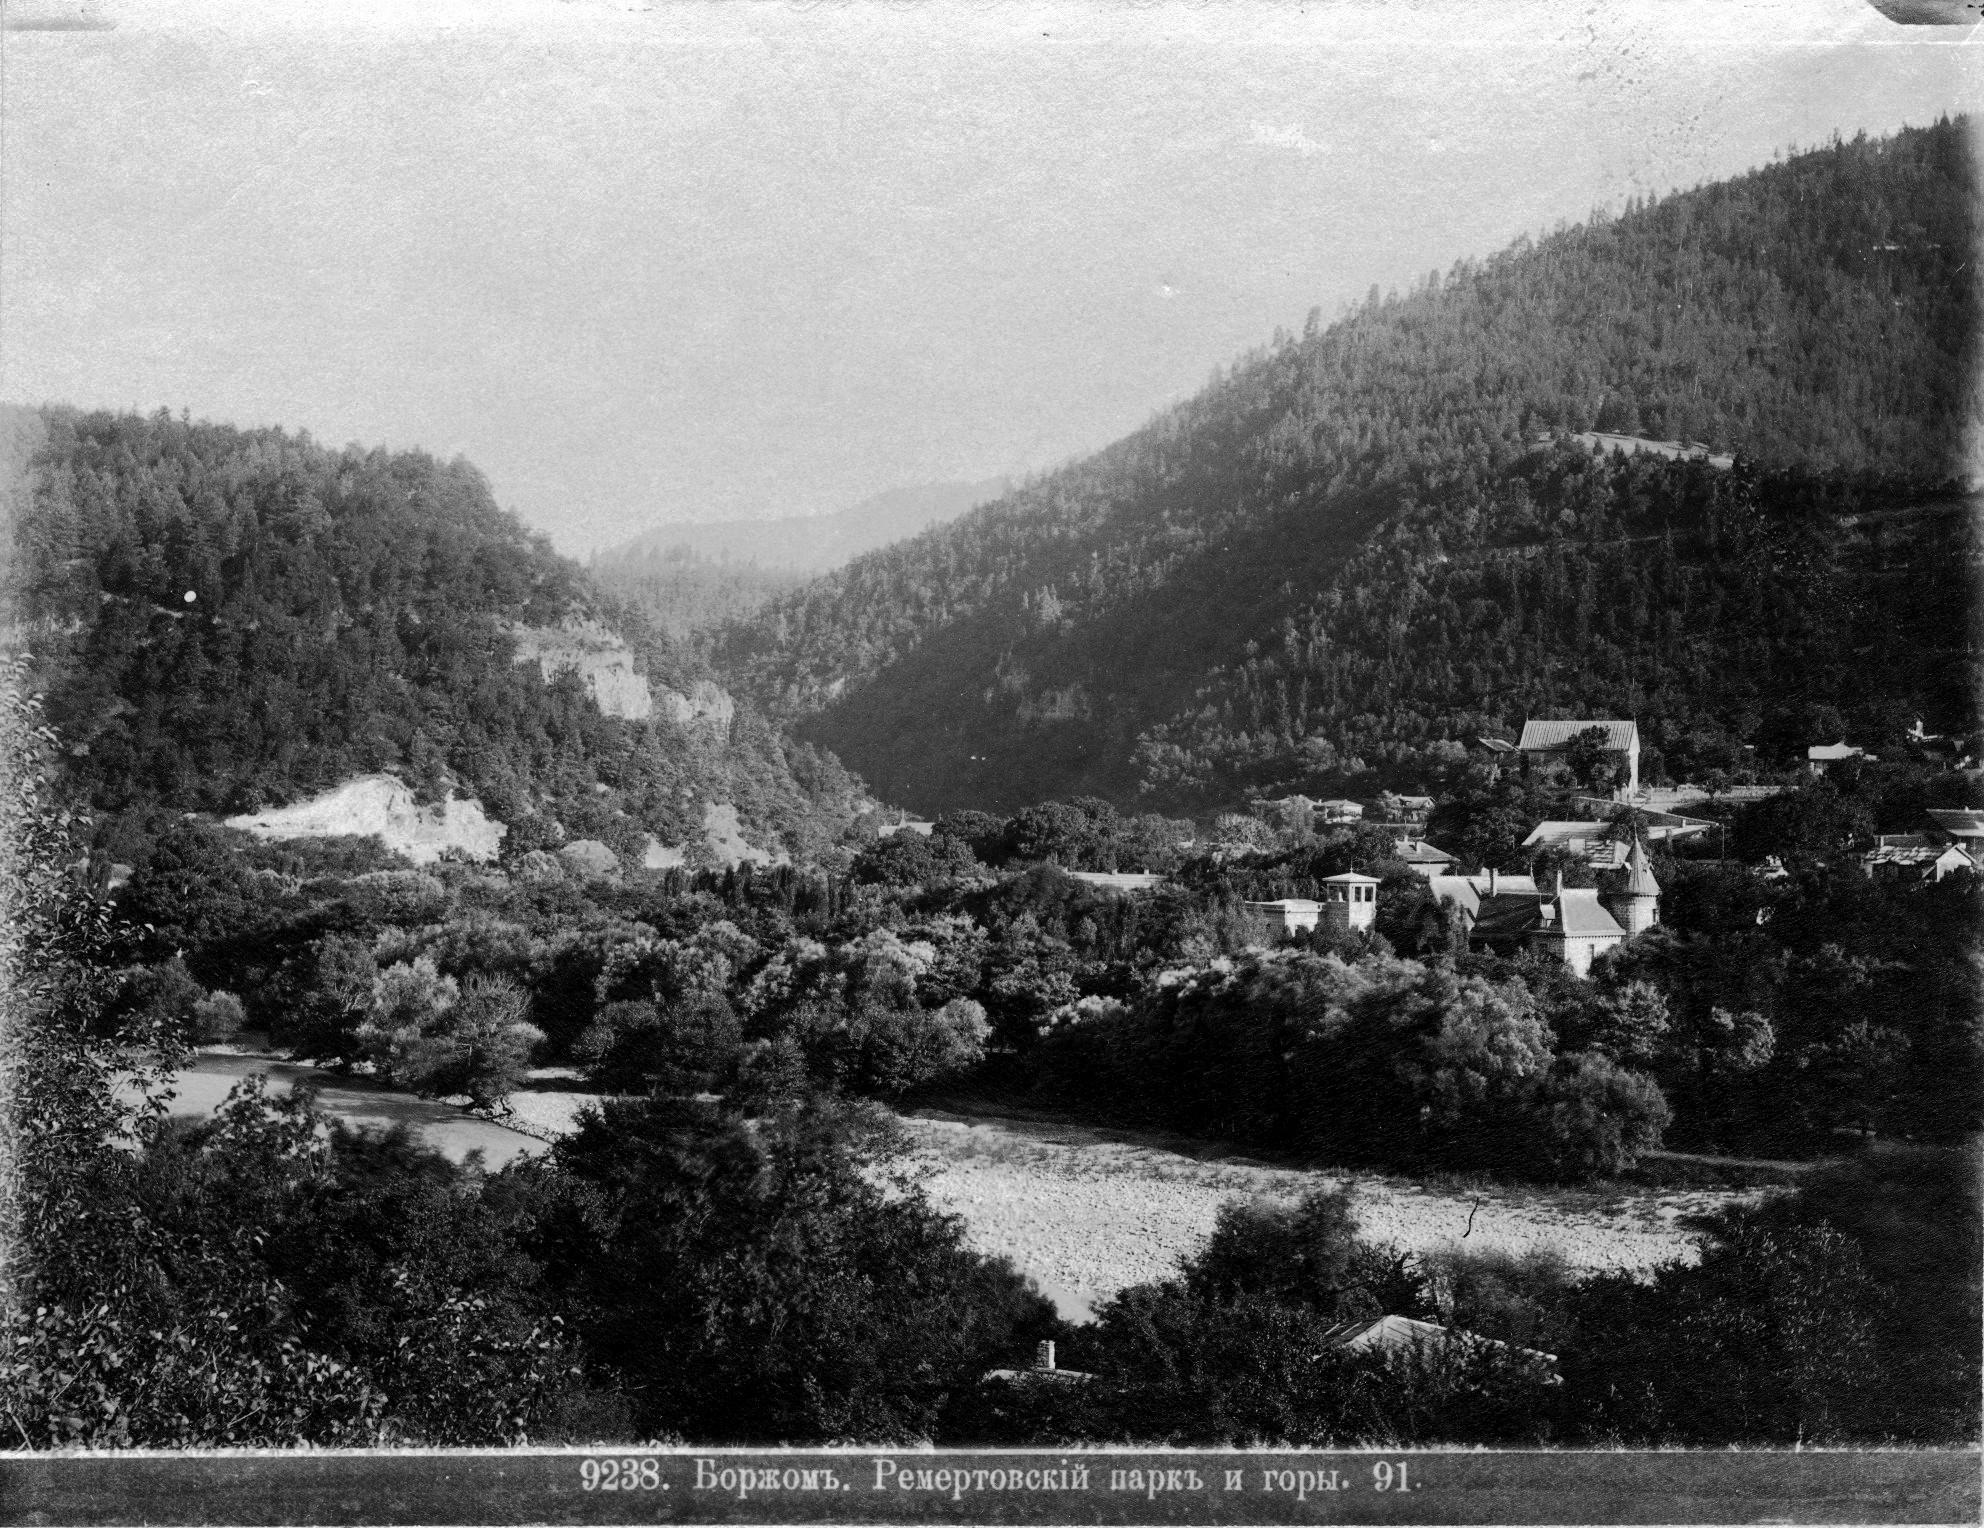 Ремертовский парк и горы